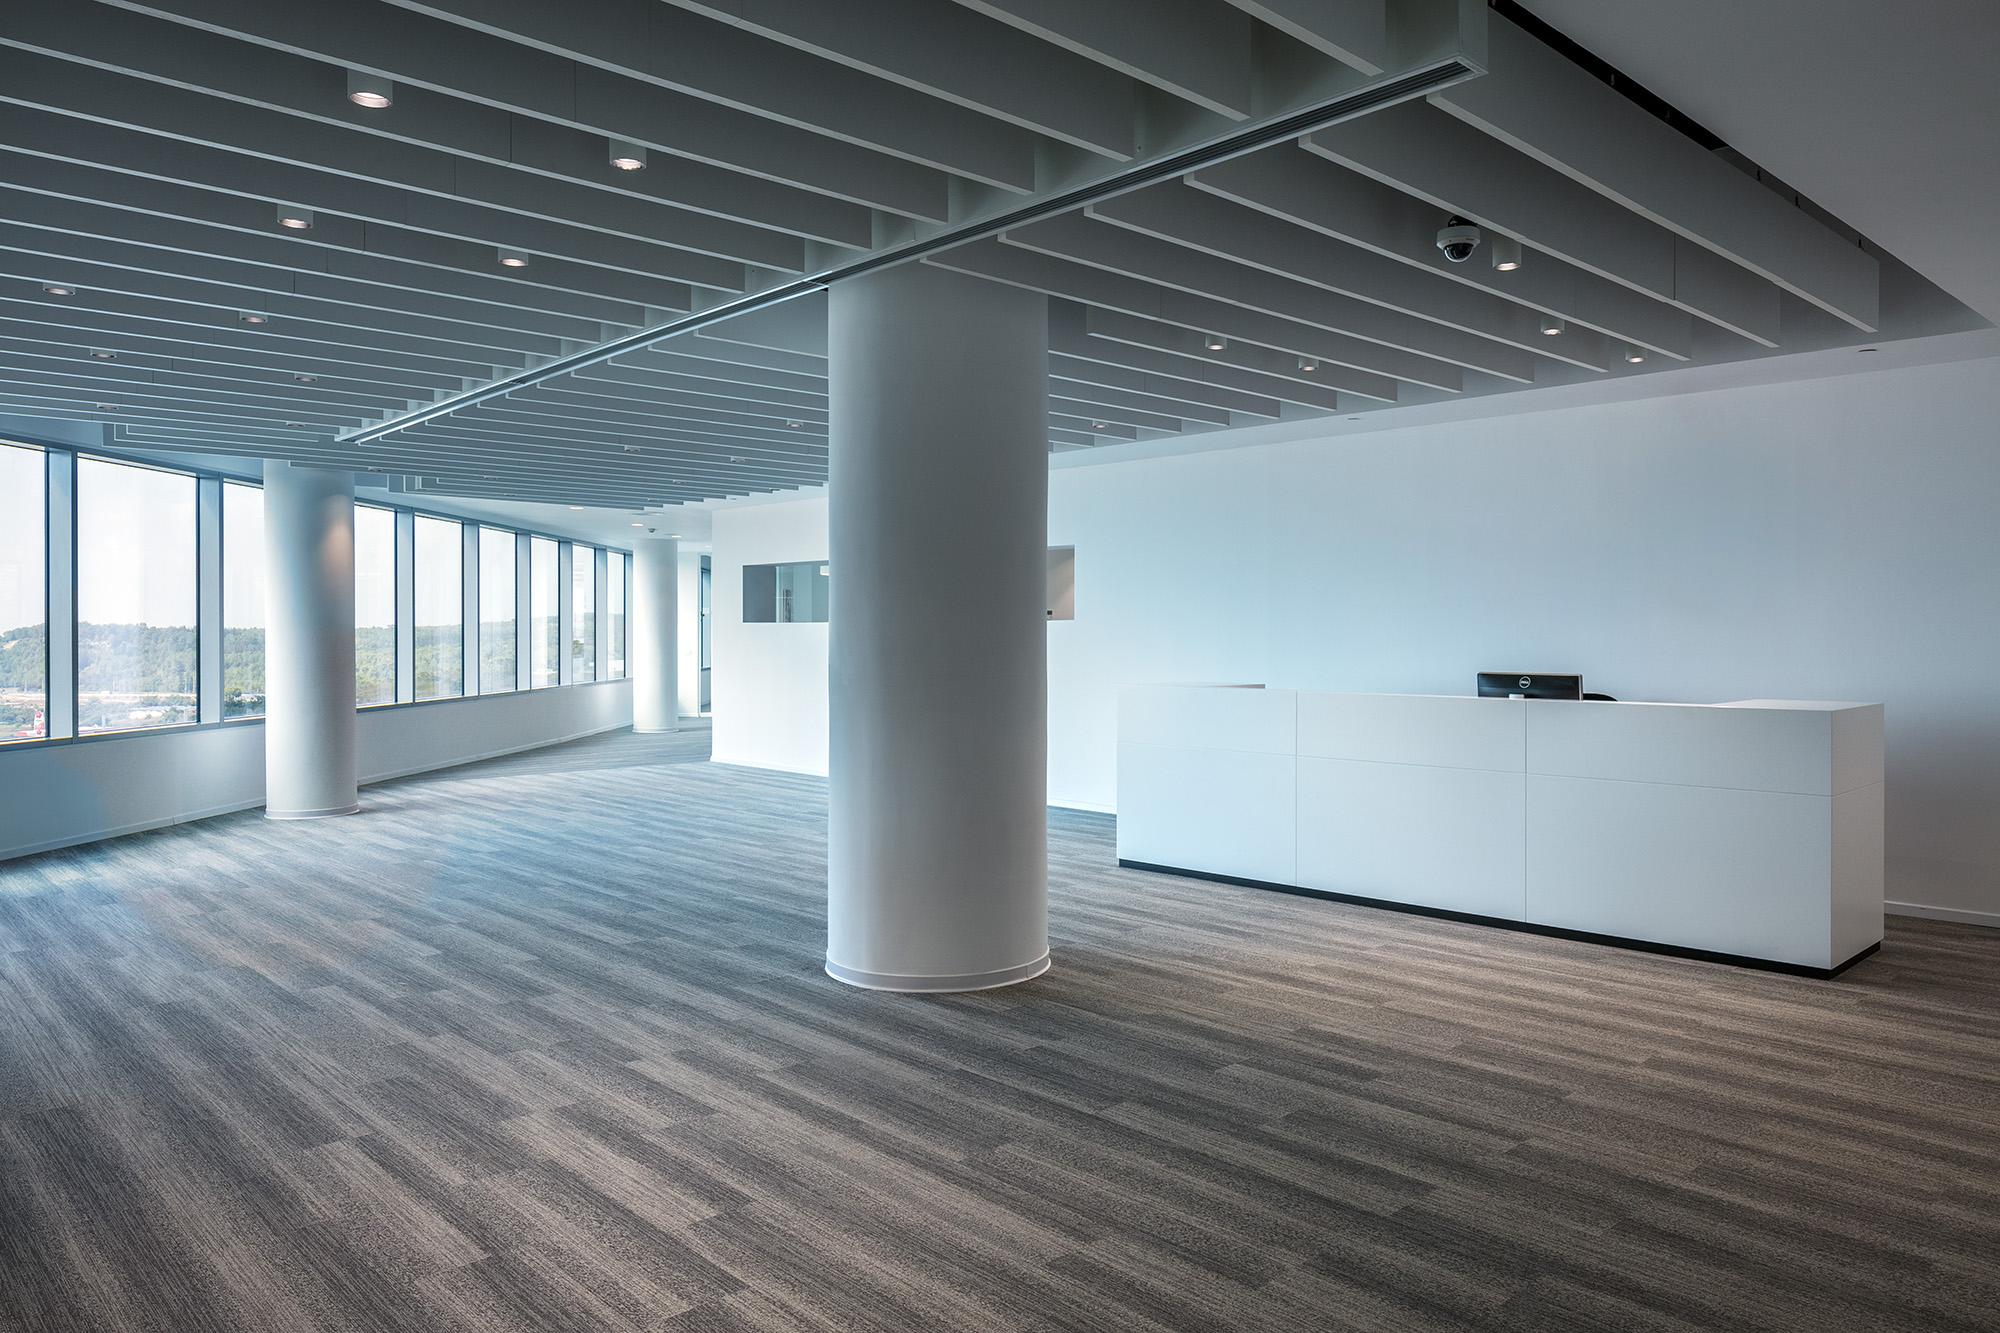 תכנון ועיצוב חדרים נקיים